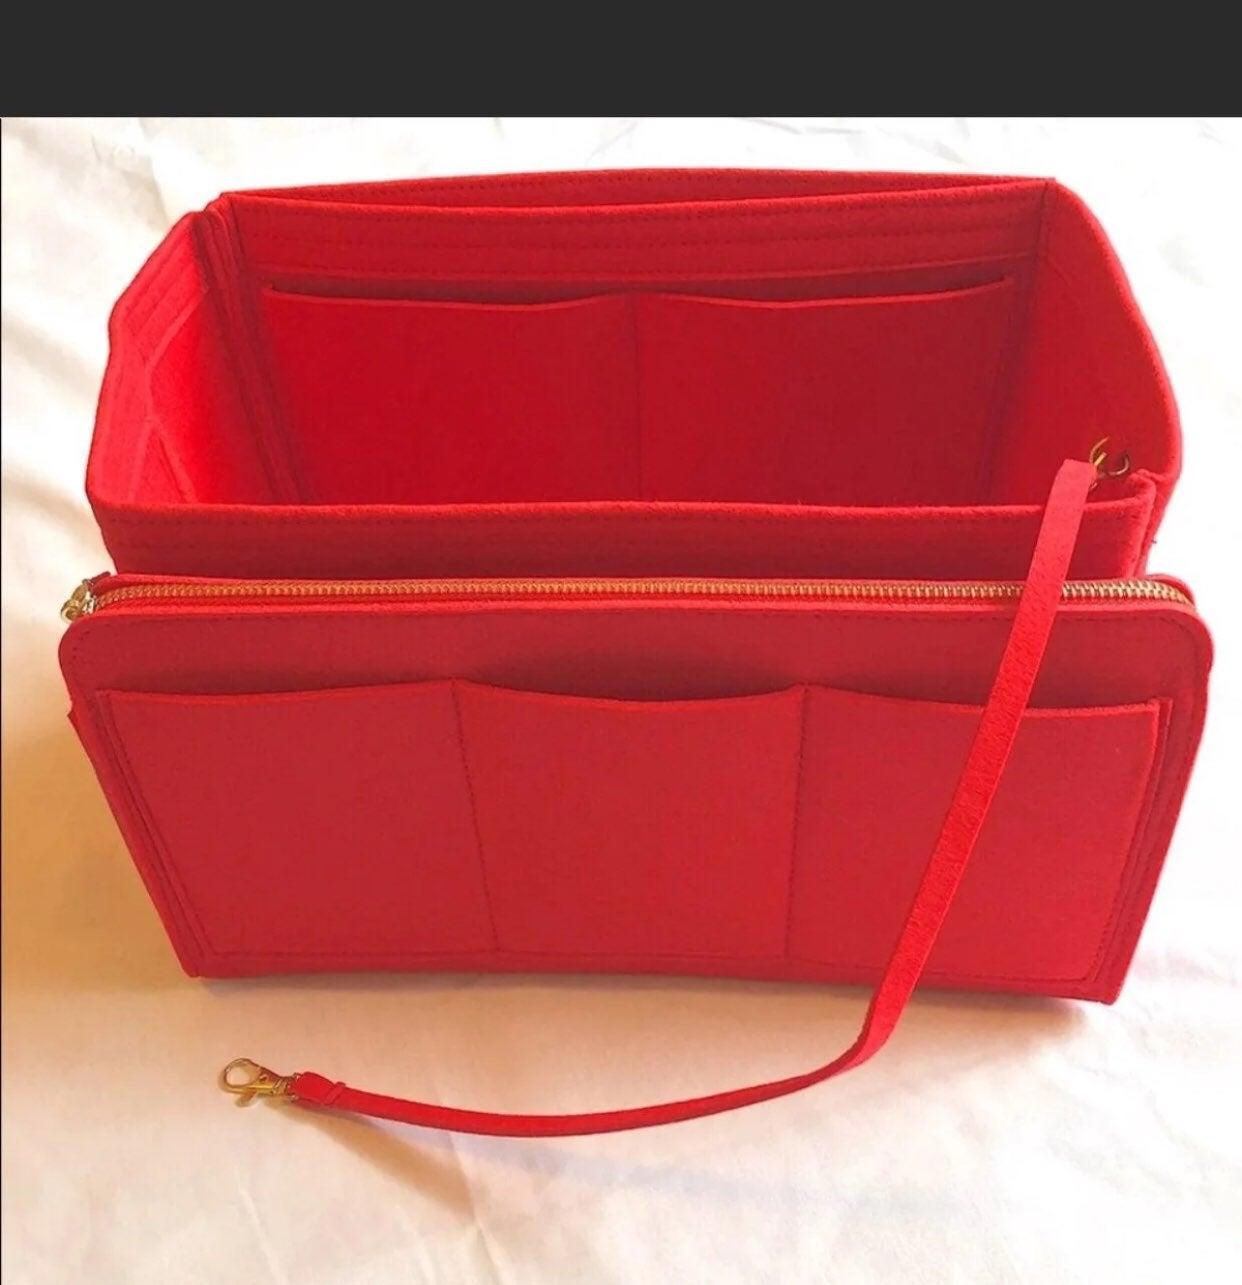 Purse/tote felt bag organizer MM/35